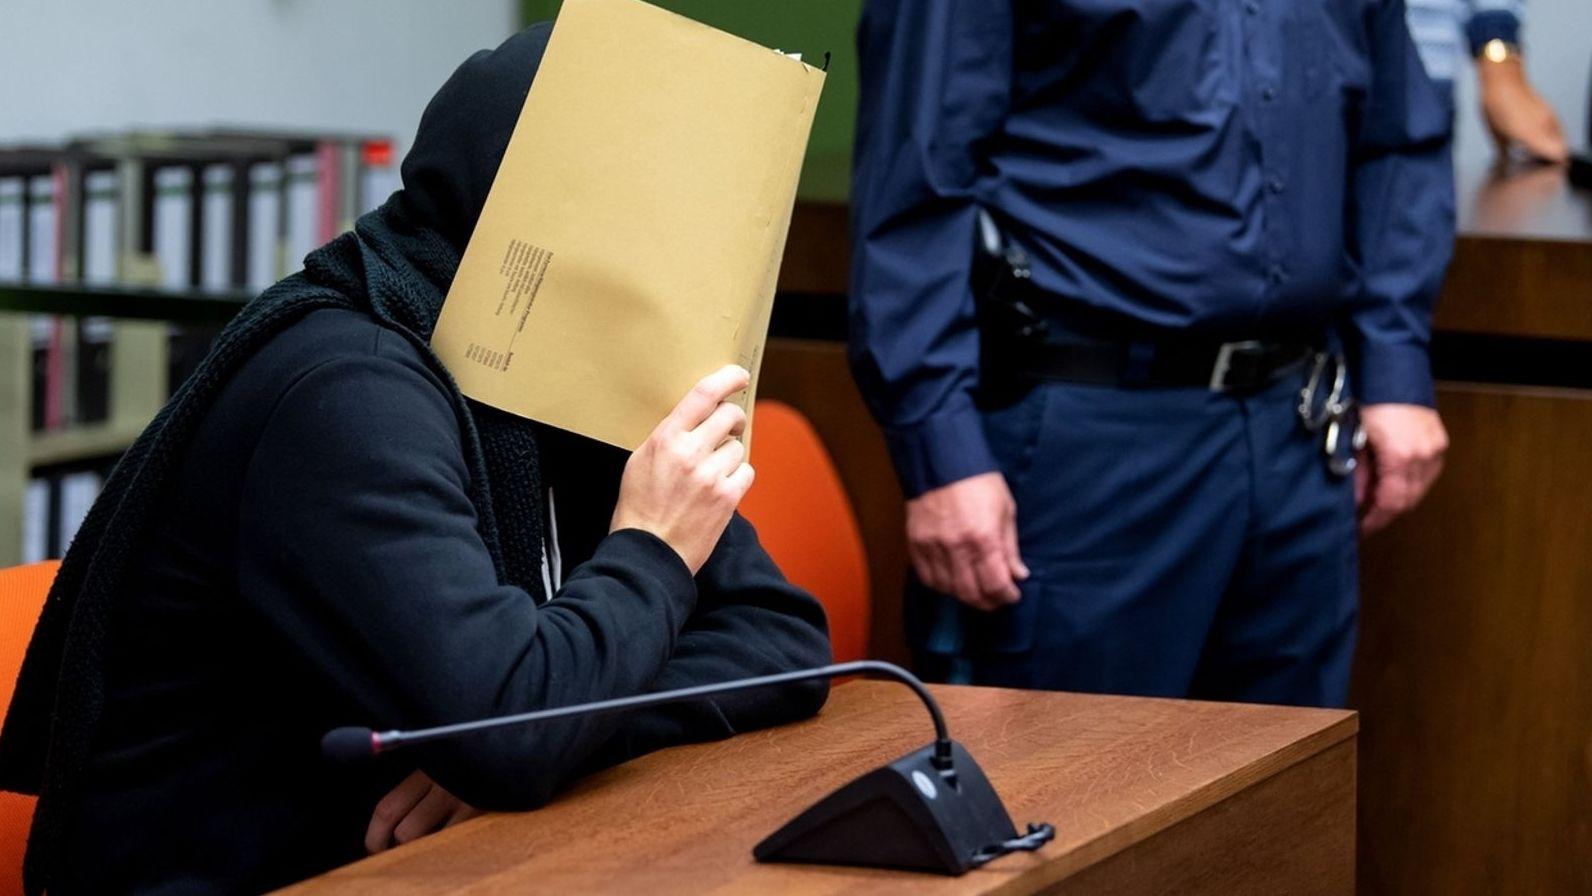 Ein Angeklagter hält eine Mappe vor sein Gesicht.